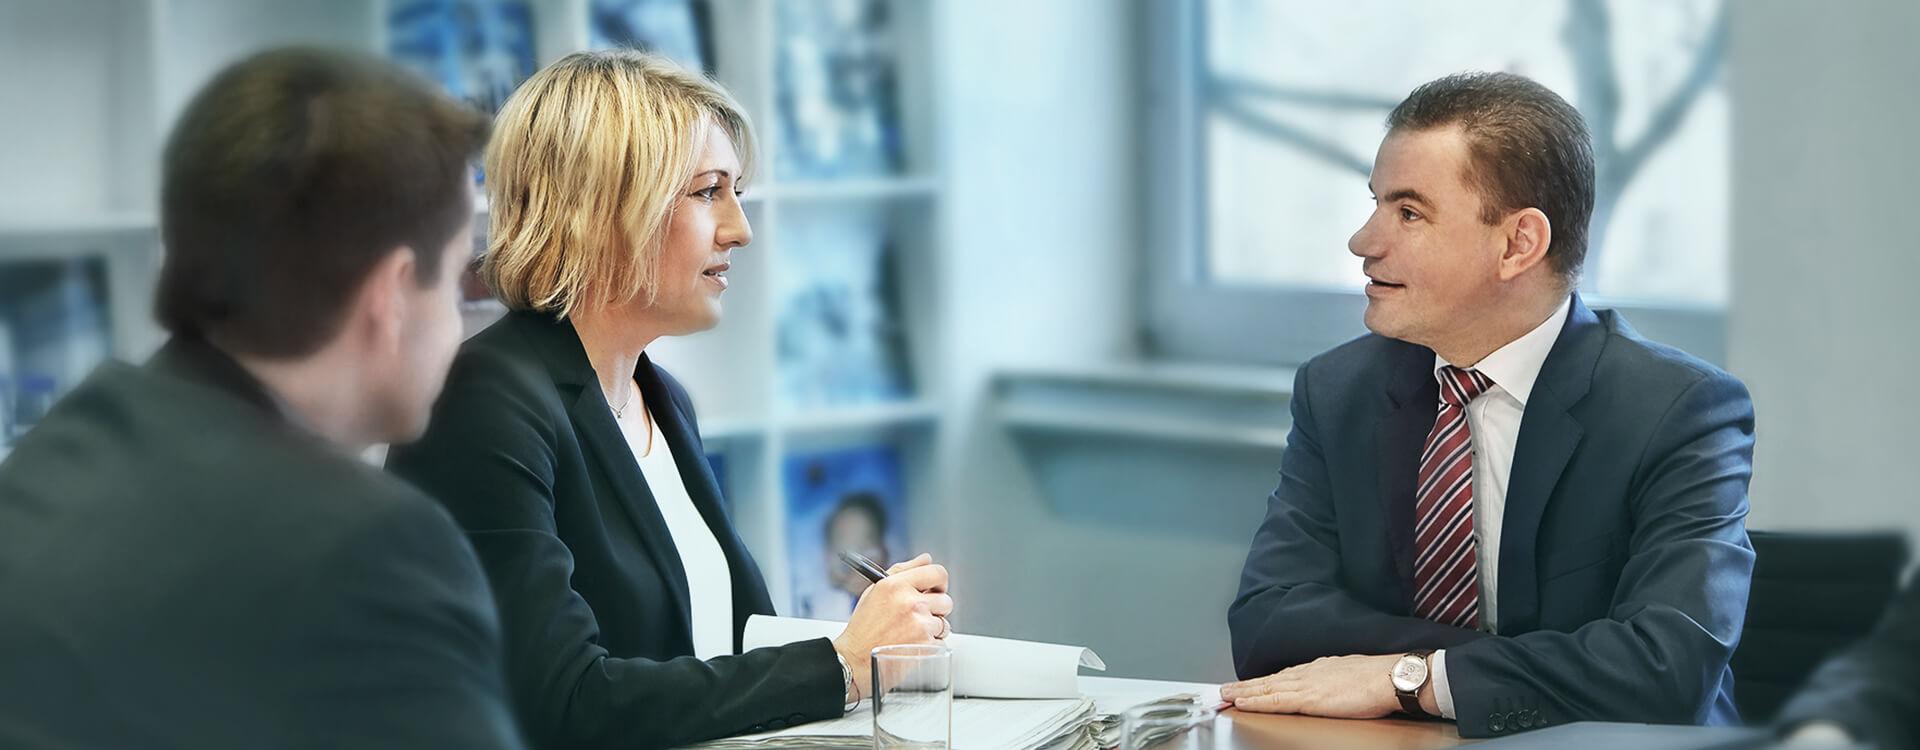 Besonders in Unternehmenskrisen sind Geschäftsführer und Vorstände zahlreichen Haftungsrisiken ausgesetzt. Wir sind Ihr Ansprechpartner rund um alle Haftungsrisiken.